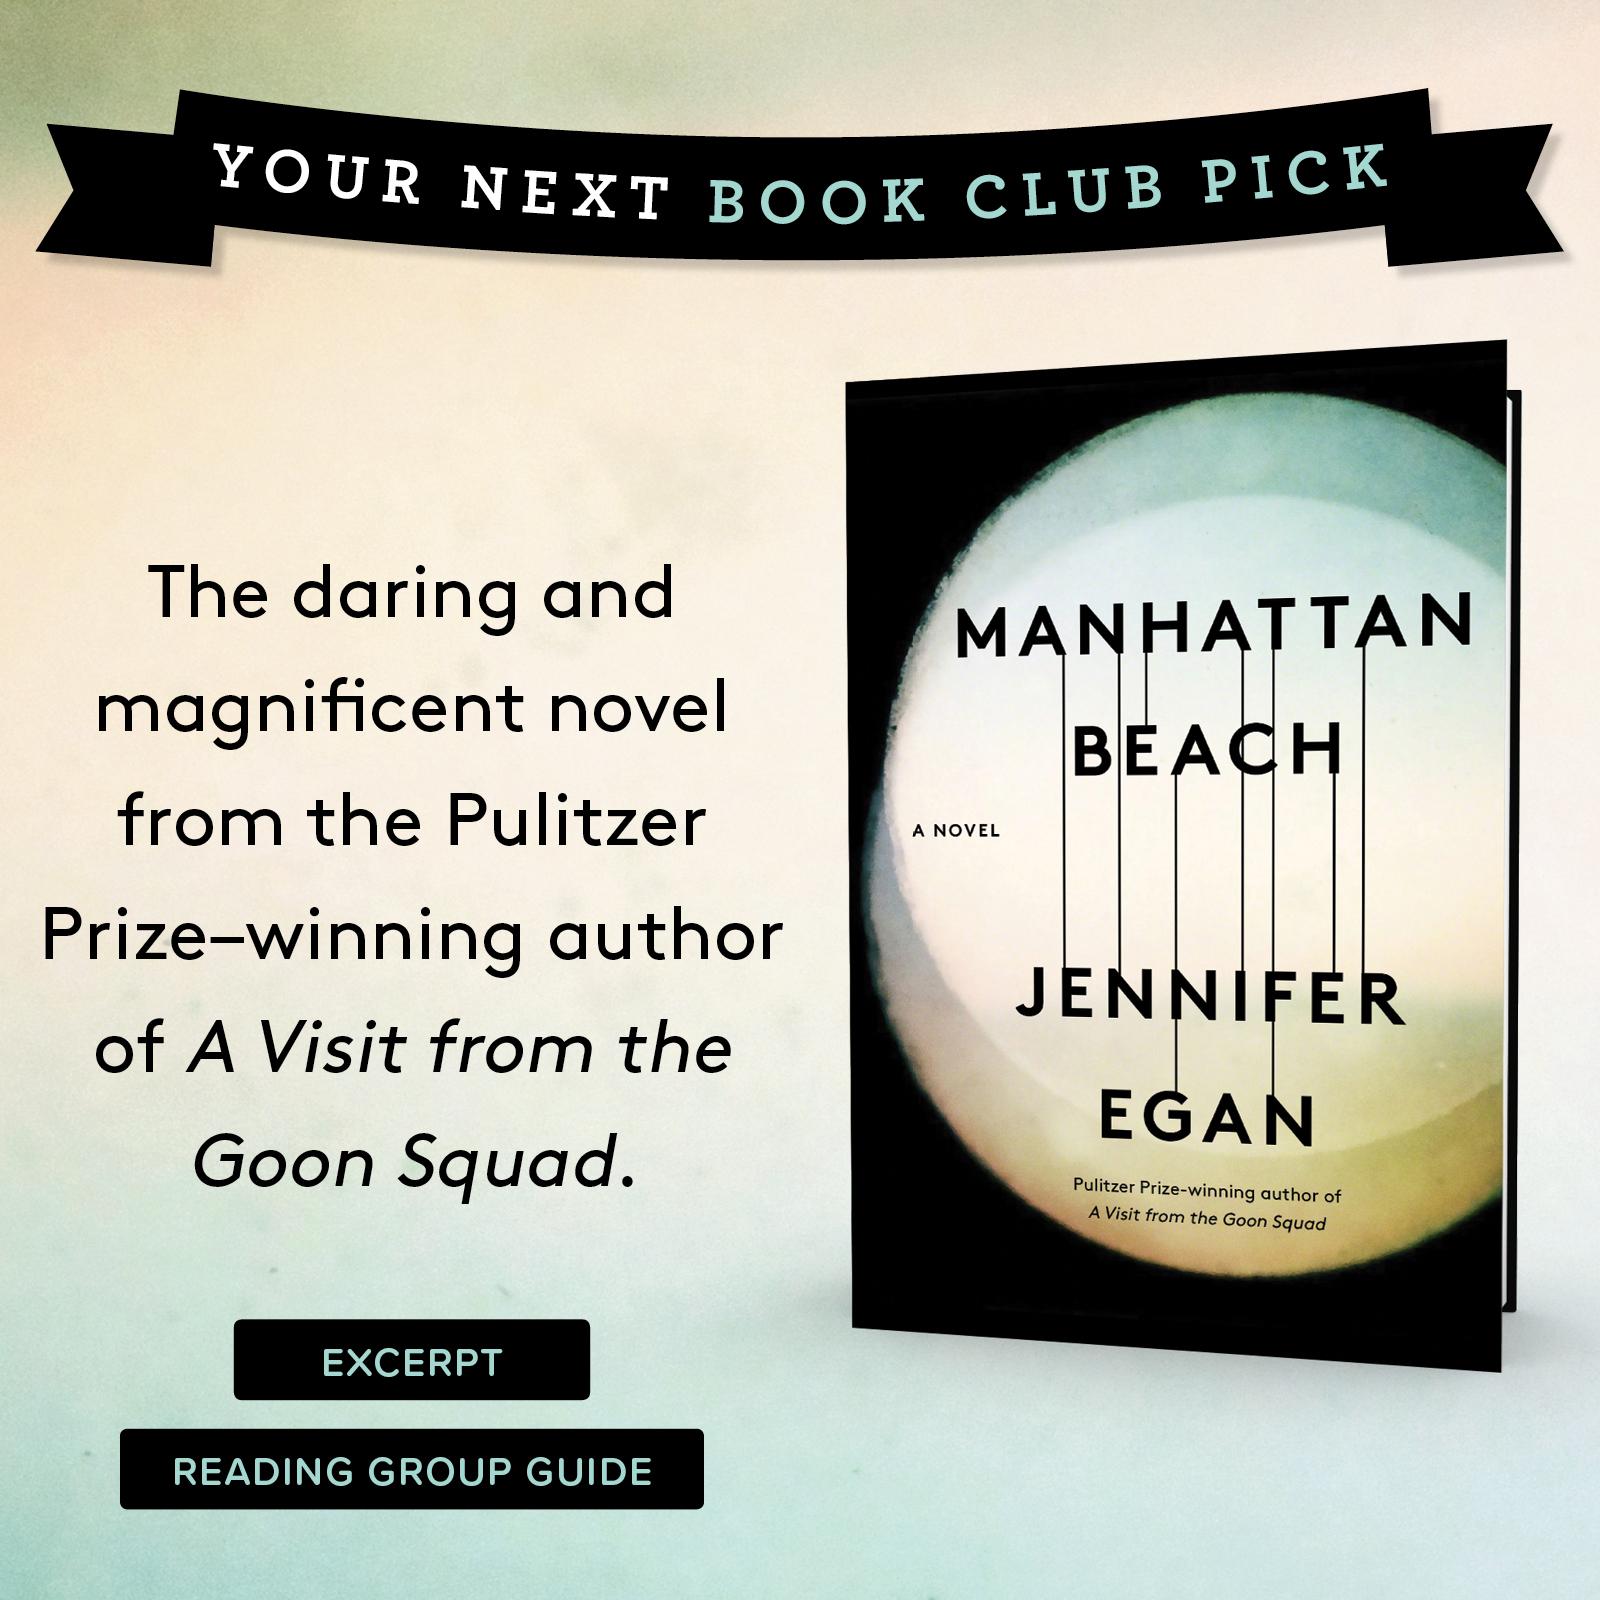 Bookclub Book of the Month - Manhattan Beach